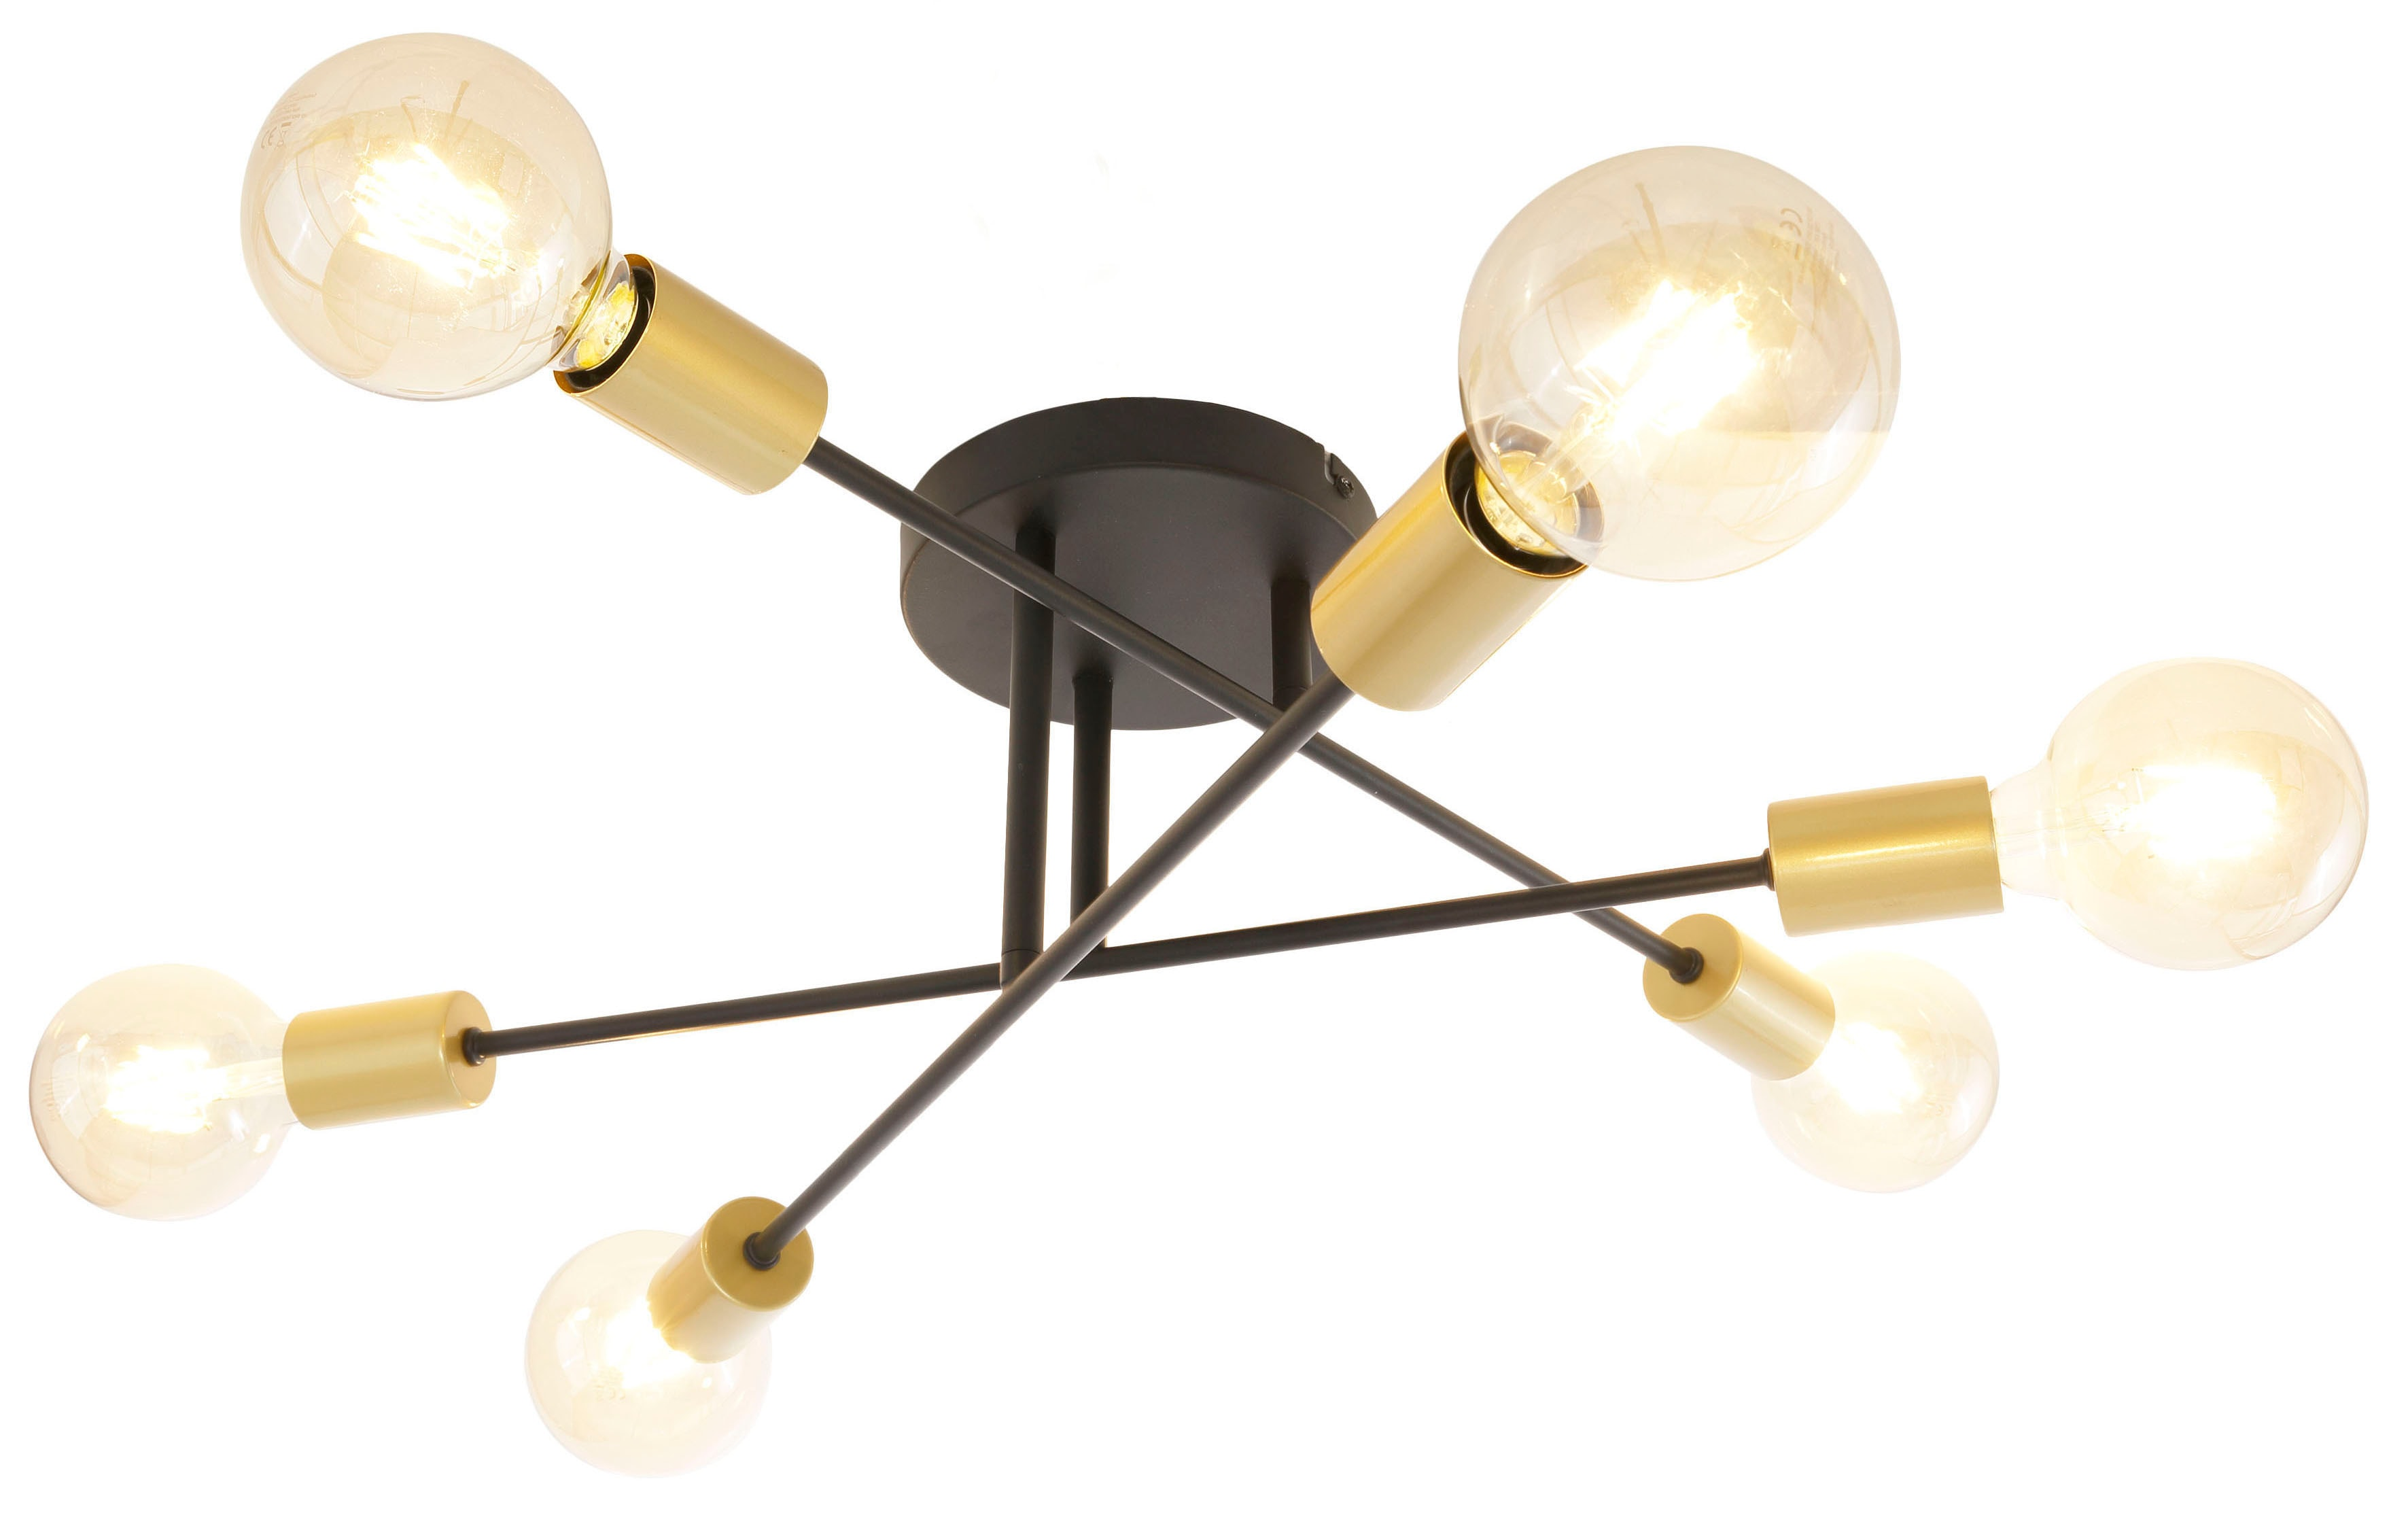 Leonique Deckenleuchte Jarla, E27, 1 St., Deckenlampe / Wandlampe mit goldfarbenen Fassungen, Arme flexibel verstellbar / schwenkbar